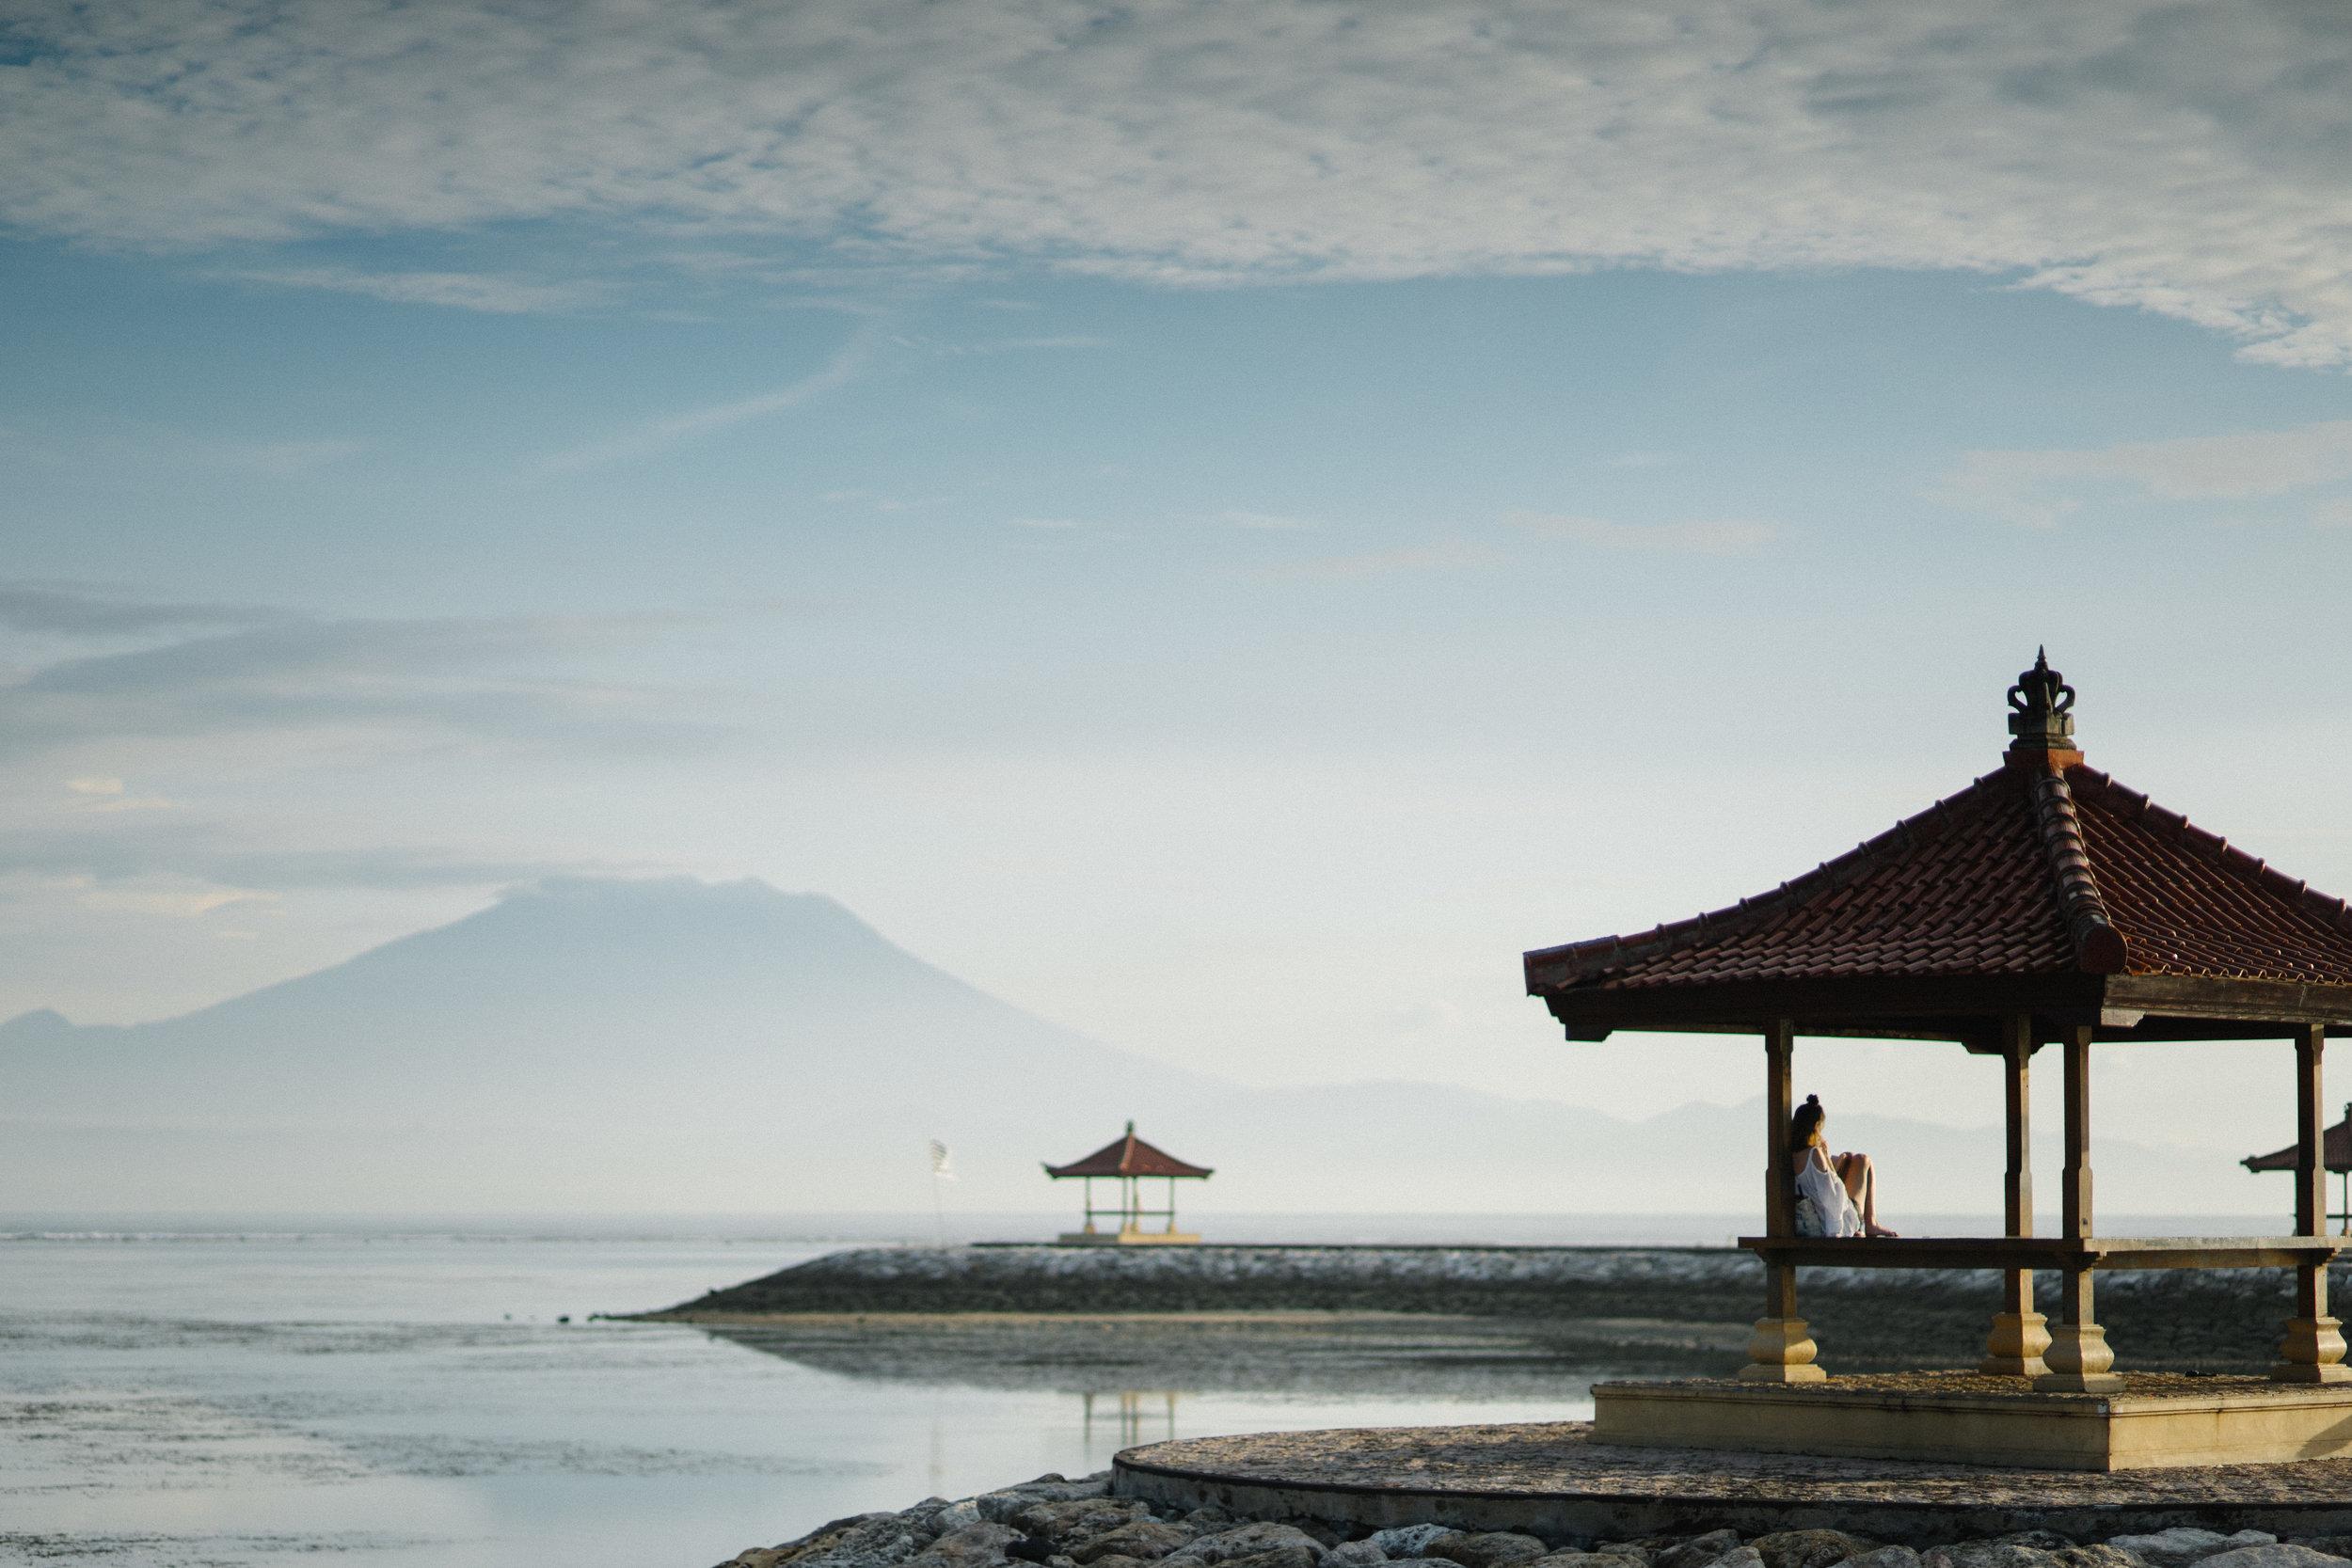 Mt. Agung from Sanur Beach